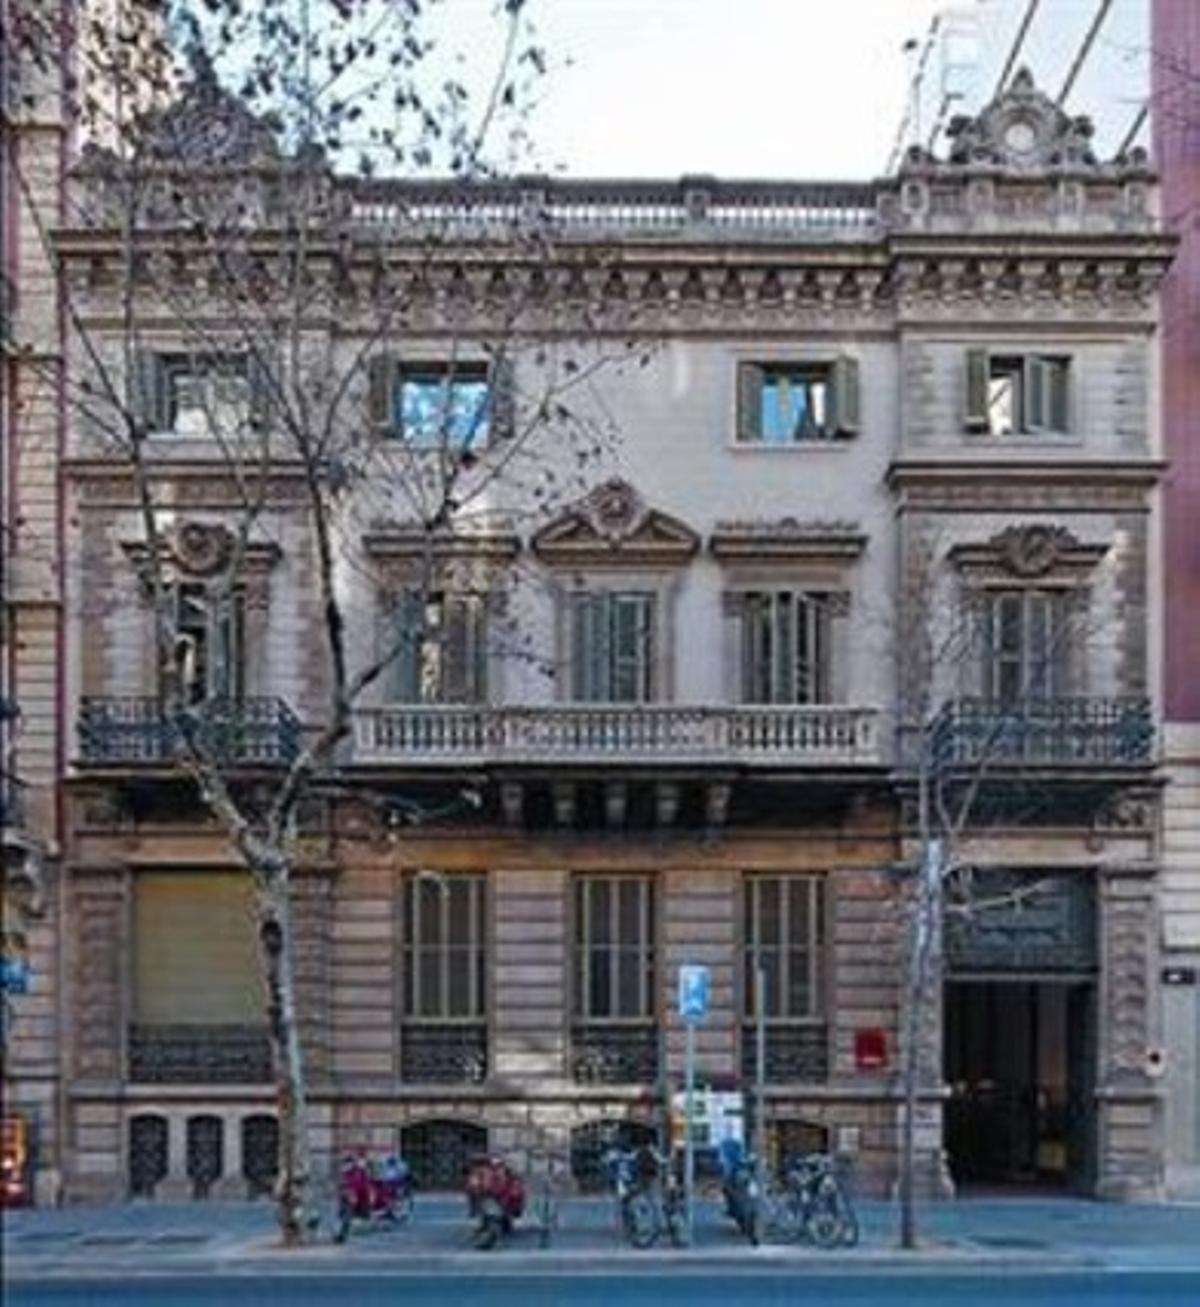 La Casa Elizalde8 Fachada del palacete de la calle de València.